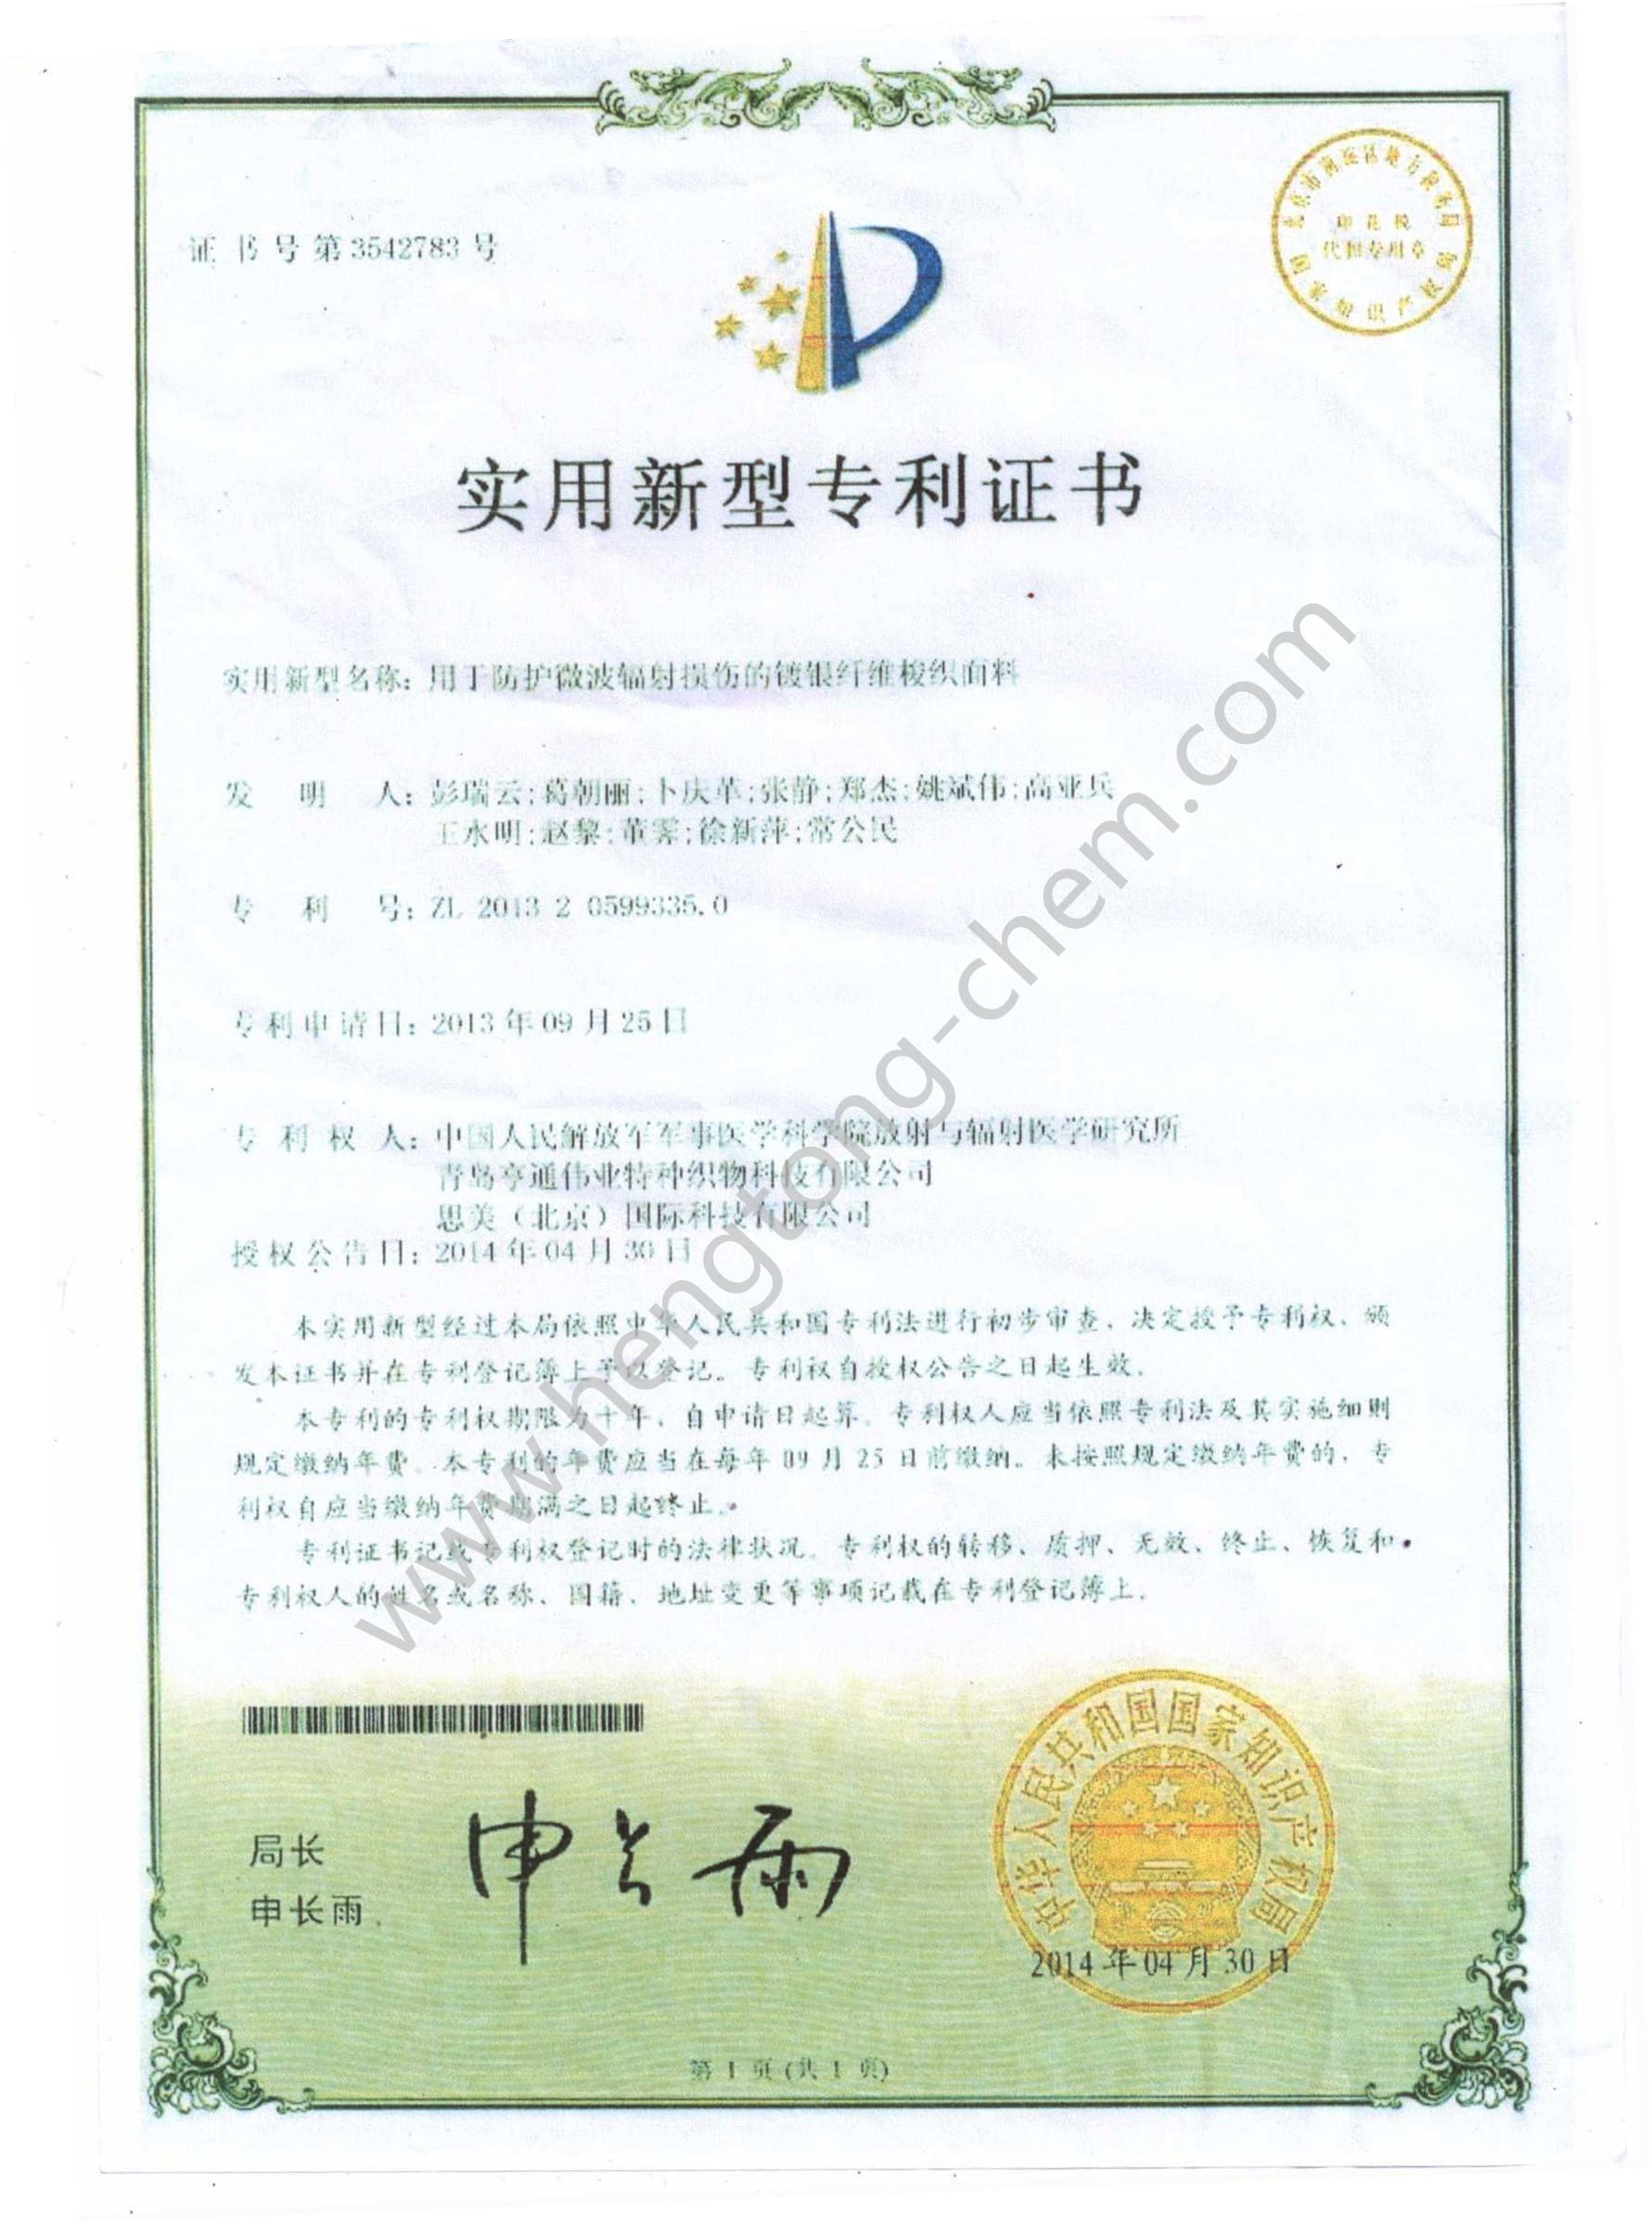 军工专利 用于防护微波辐射损伤的镀银纤维梭织面料